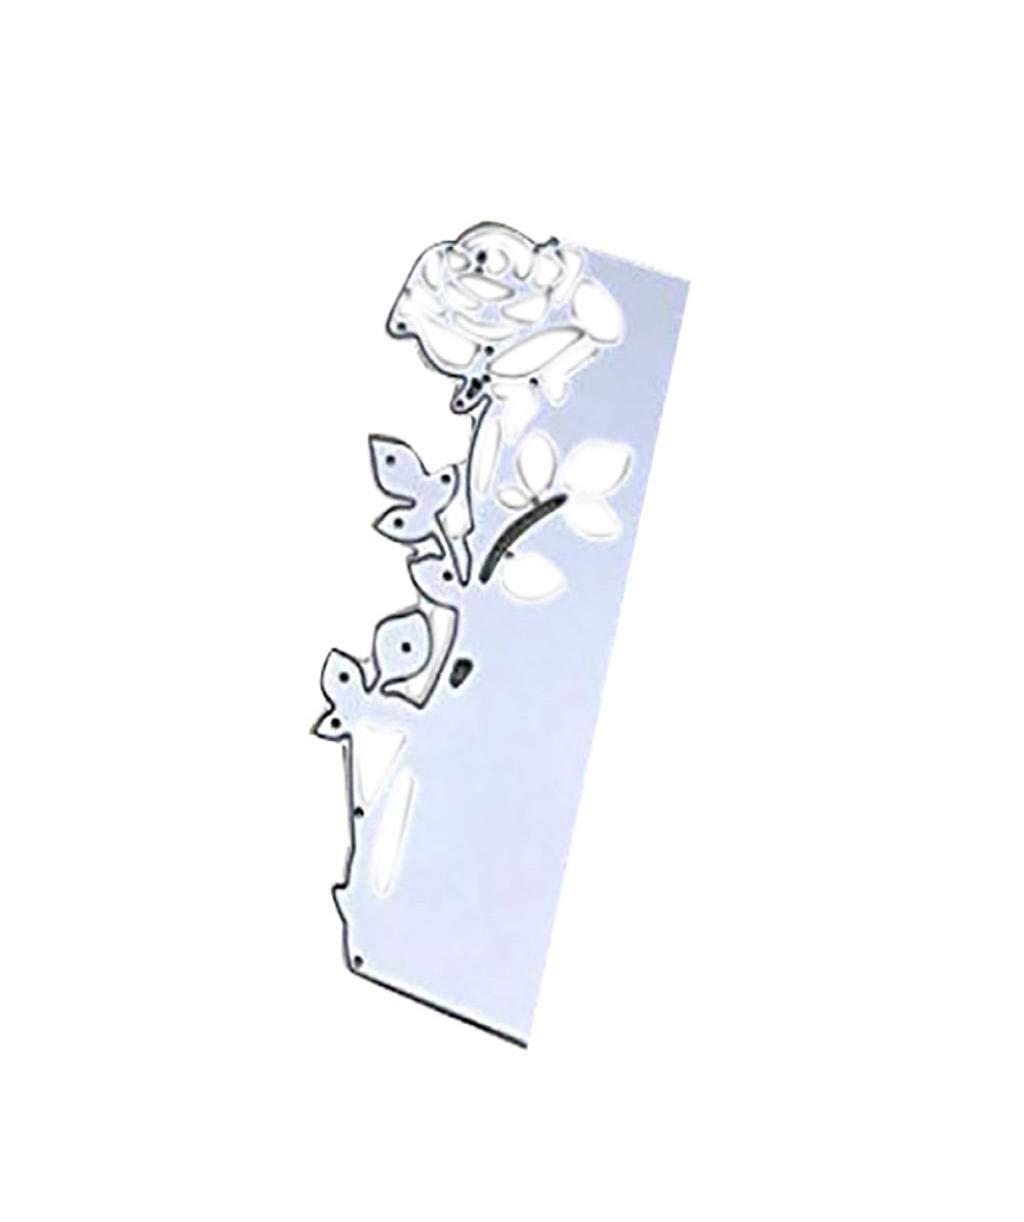 Barlingrock 1 Pc M/étal Die Cutting Dies Stencil pour DIY Scrapbooking Album Carte De Papier D/écor Craft Mignon De Coupe Meurs Coupes Stencils Scrapbook Album Cartes